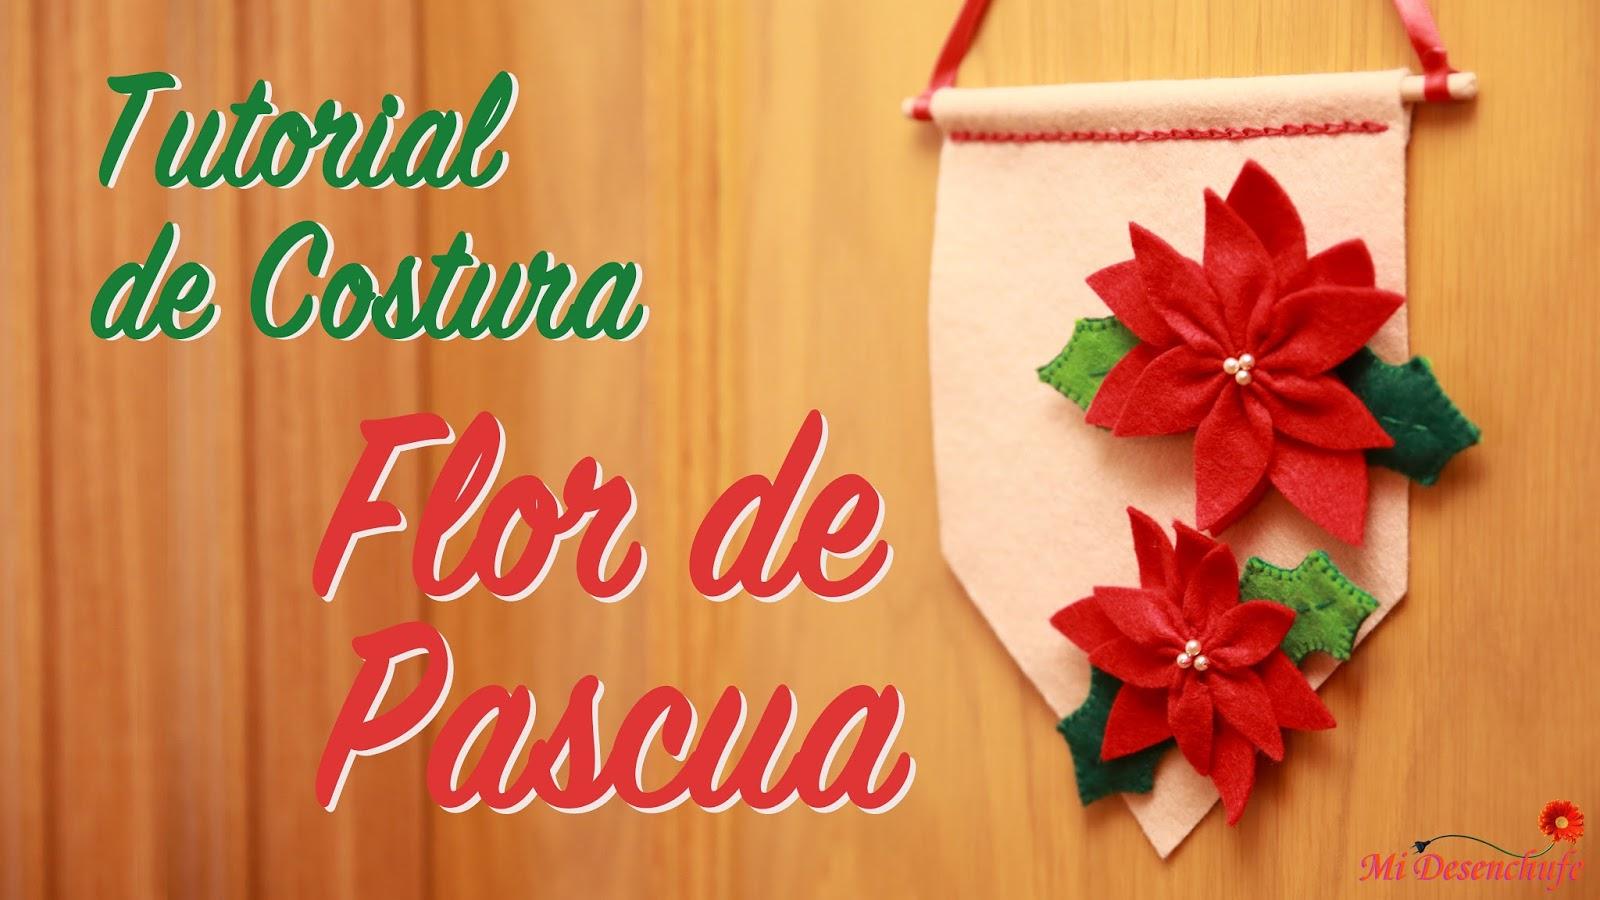 Mi desenchufe store flor de pascua poinsettia navidad - Que cuidados necesita la flor de pascua ...